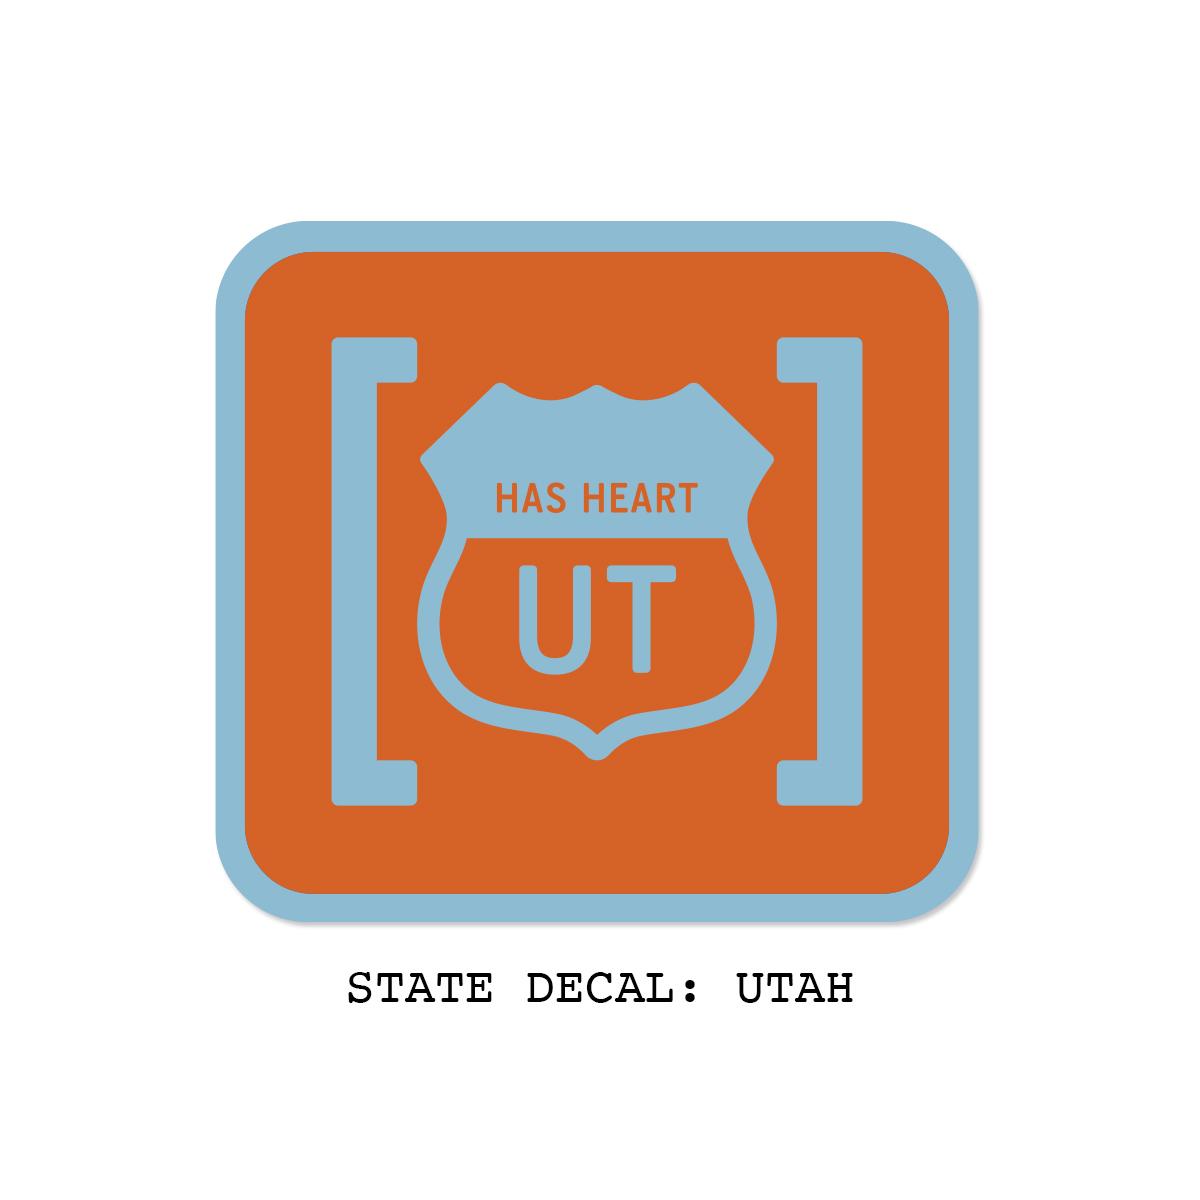 hasheart-statedecal-UT